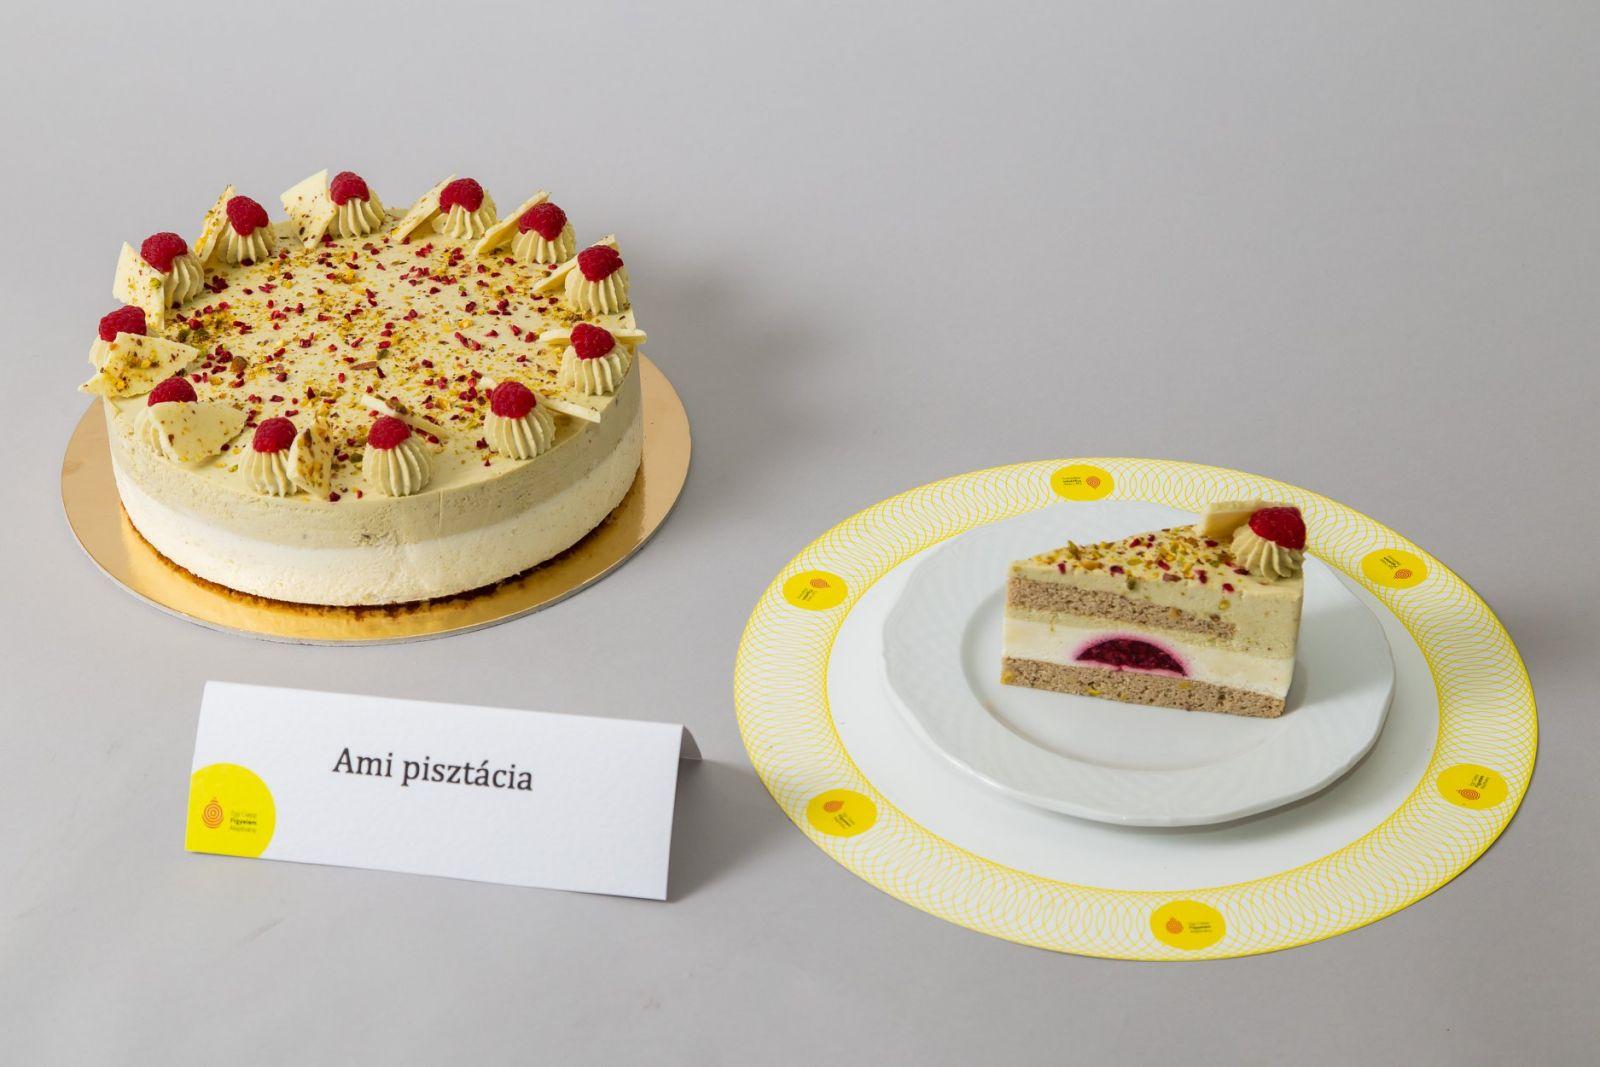 Monori sütemény lehet Magyarország Cukormentes Tortája